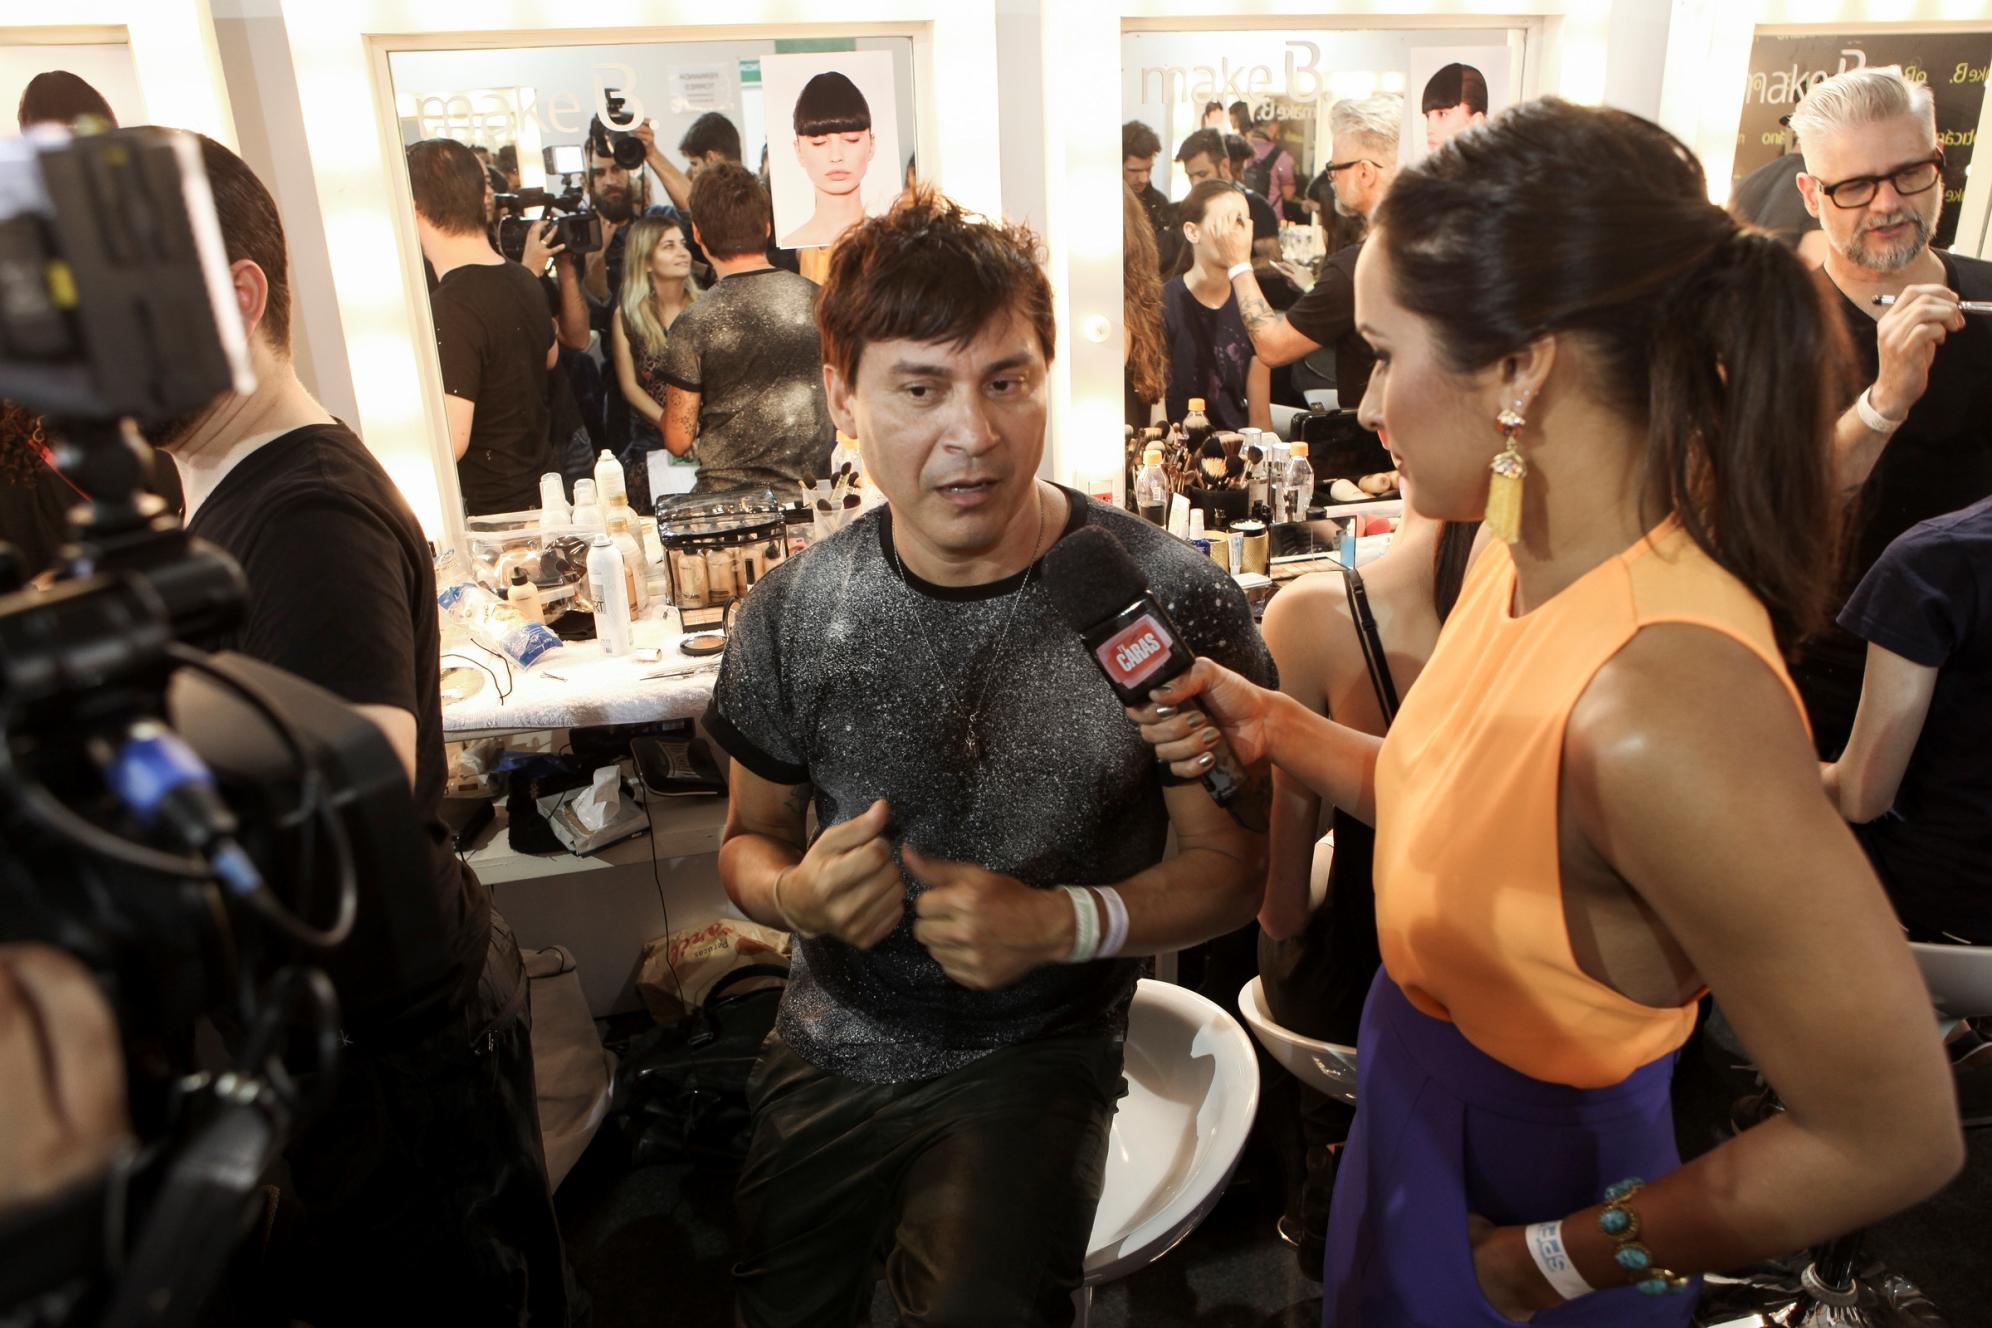 Silvio Giorgio em entrevista nos bastidores da Lolitta ©Agência Fotosite